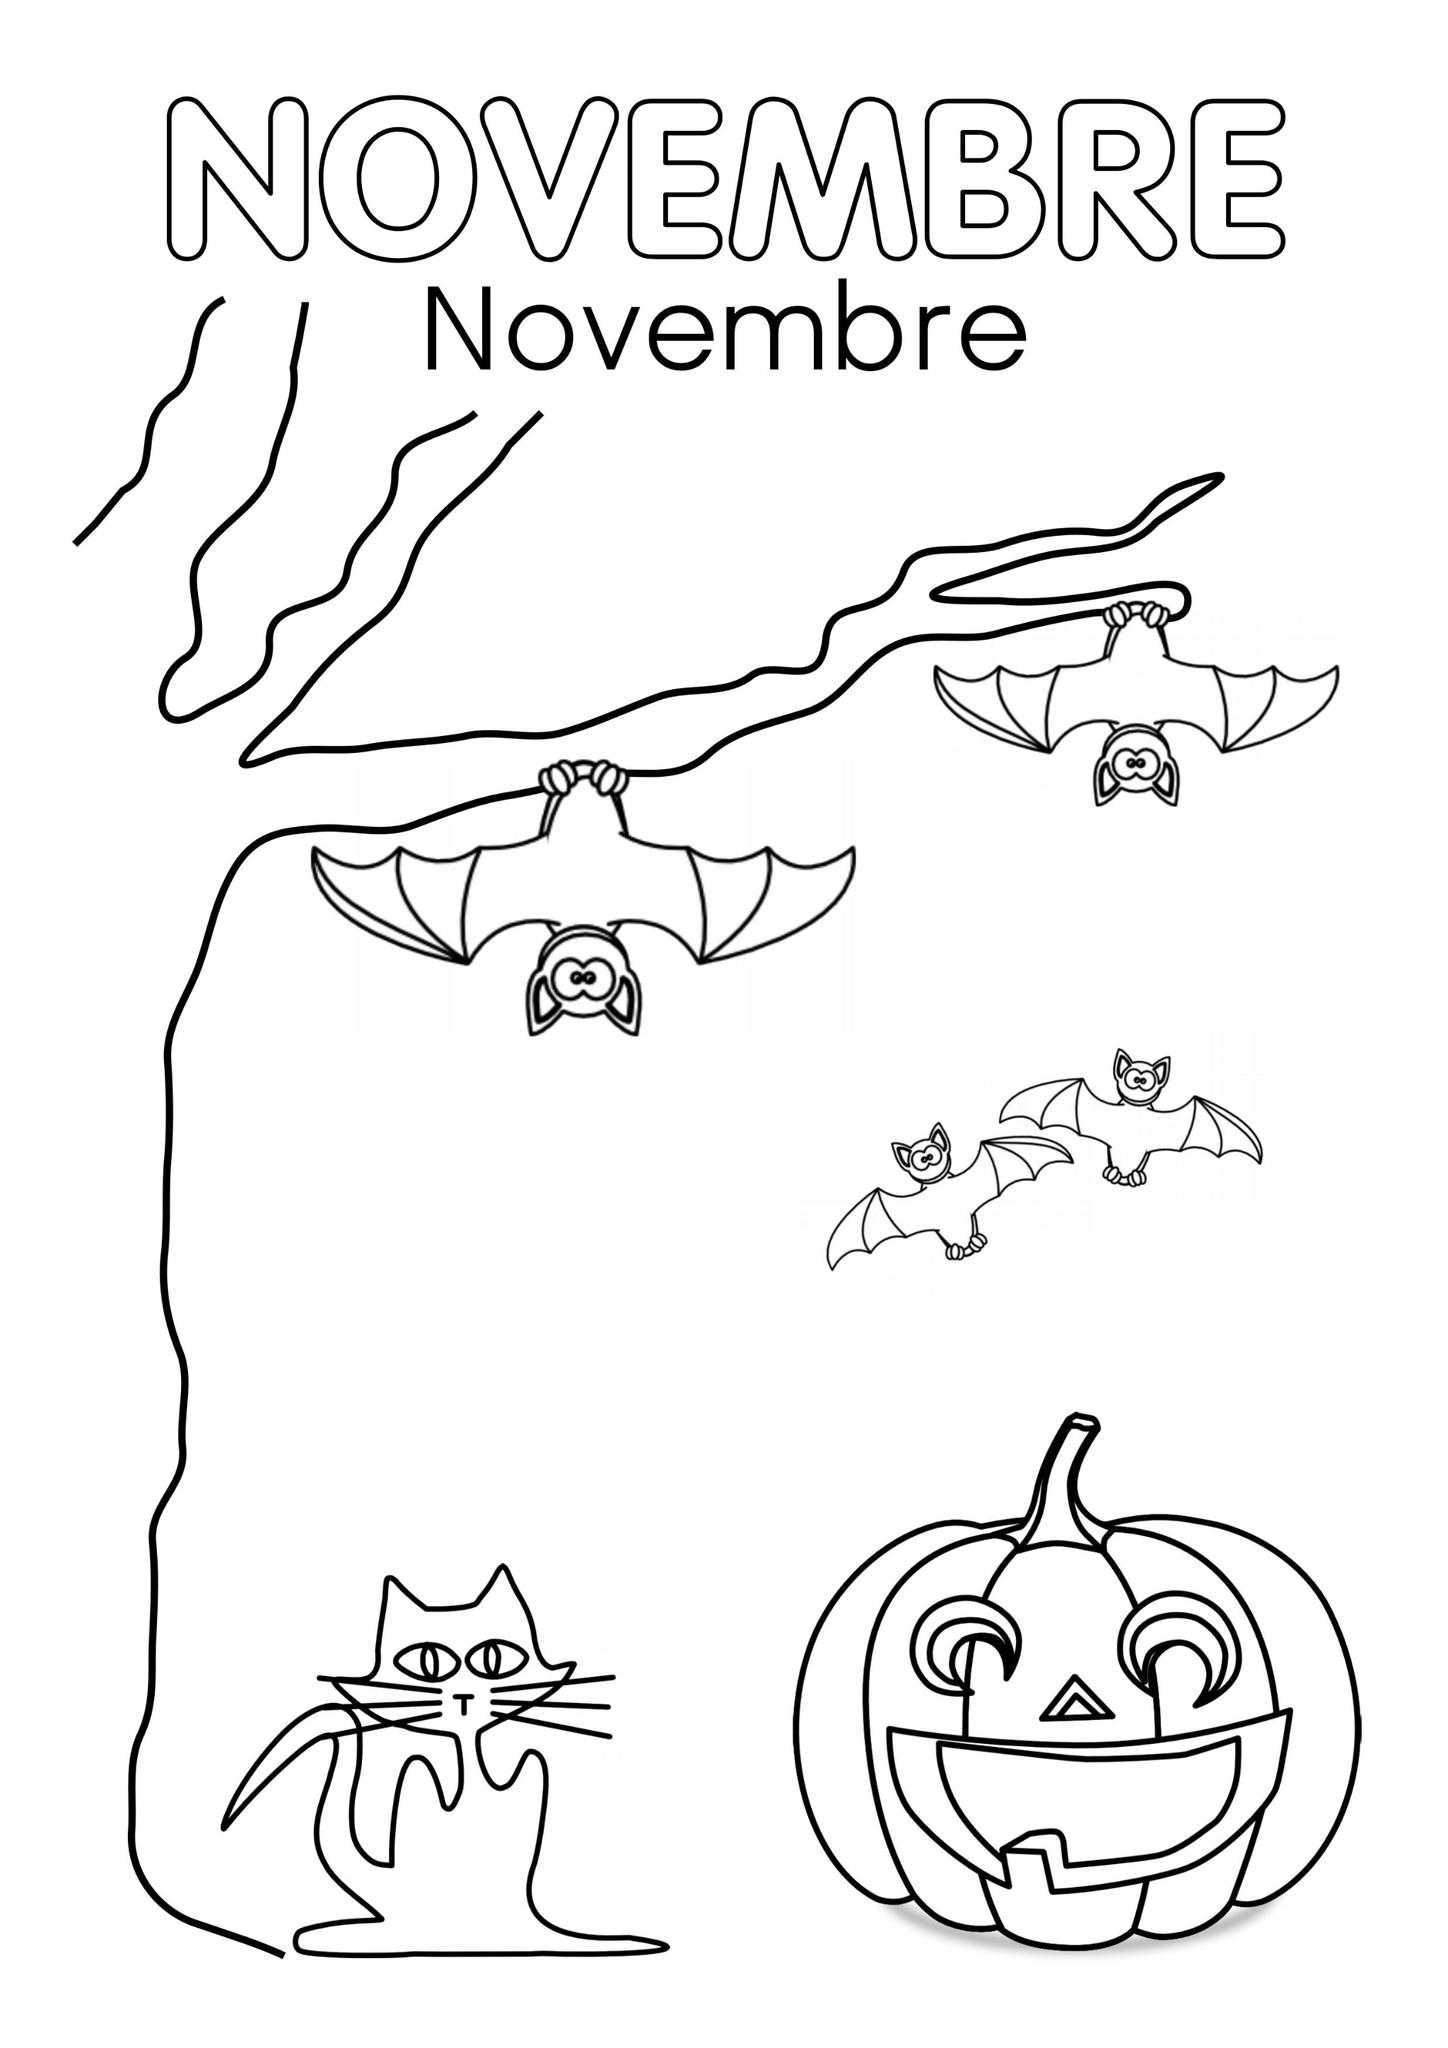 Coloriage Novembre 25 Images D Automne A Imprimer Gratuitement